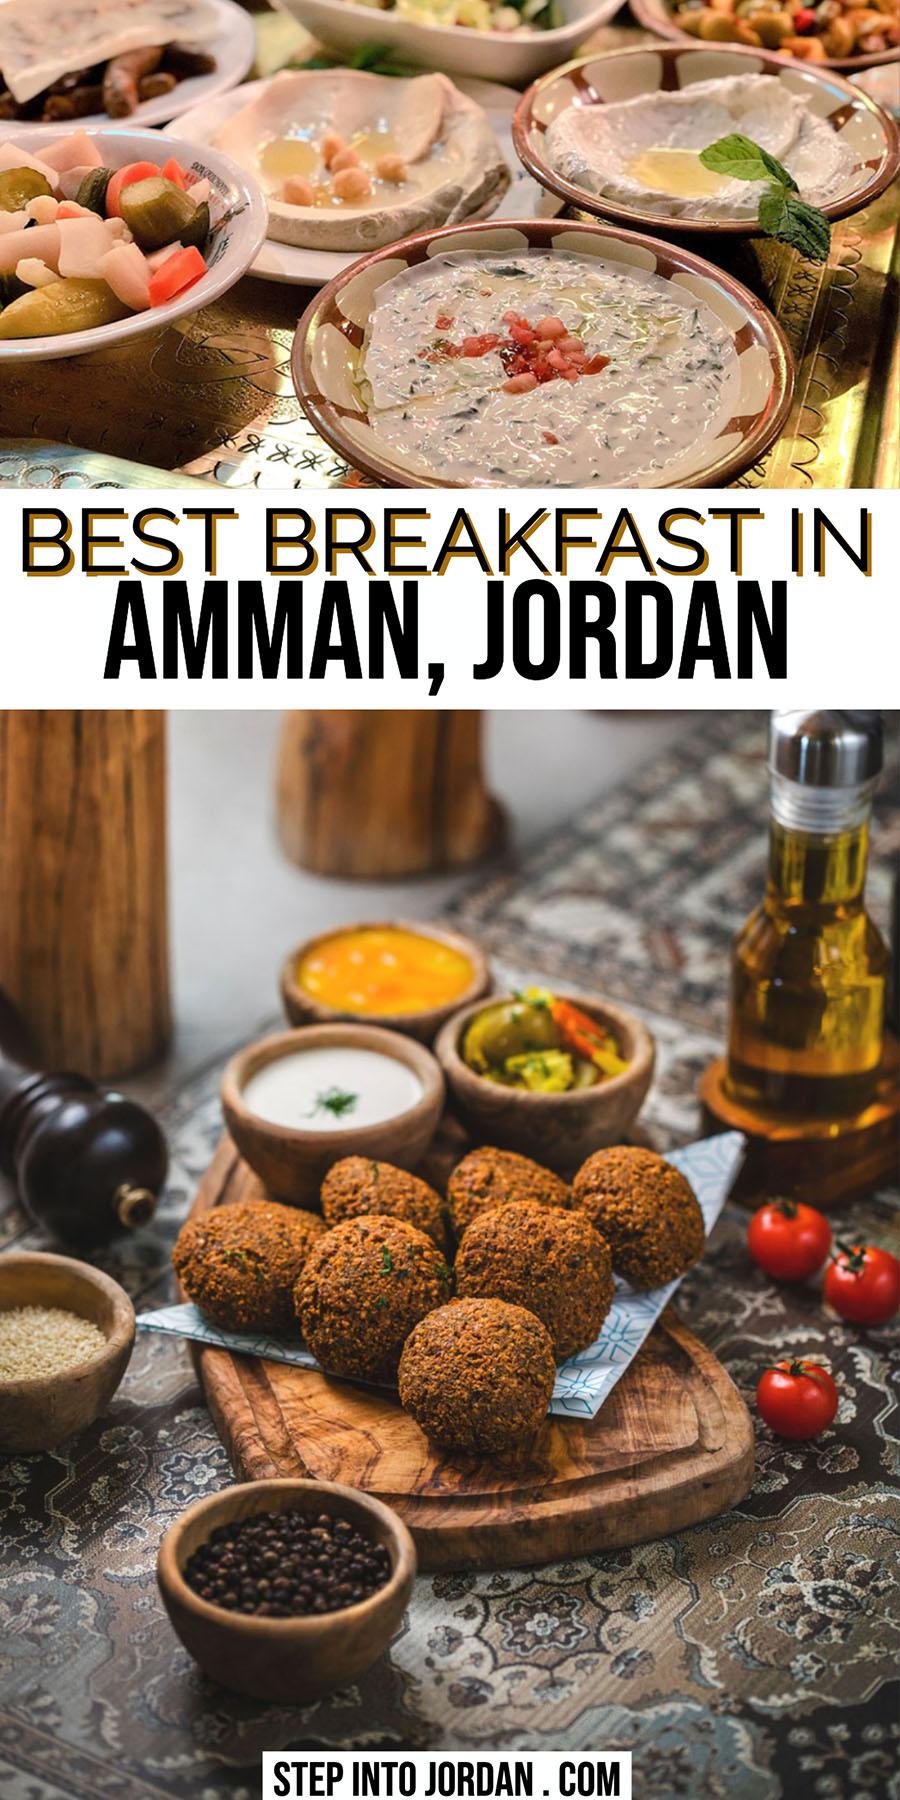 best Breakfast in Amman Jordan